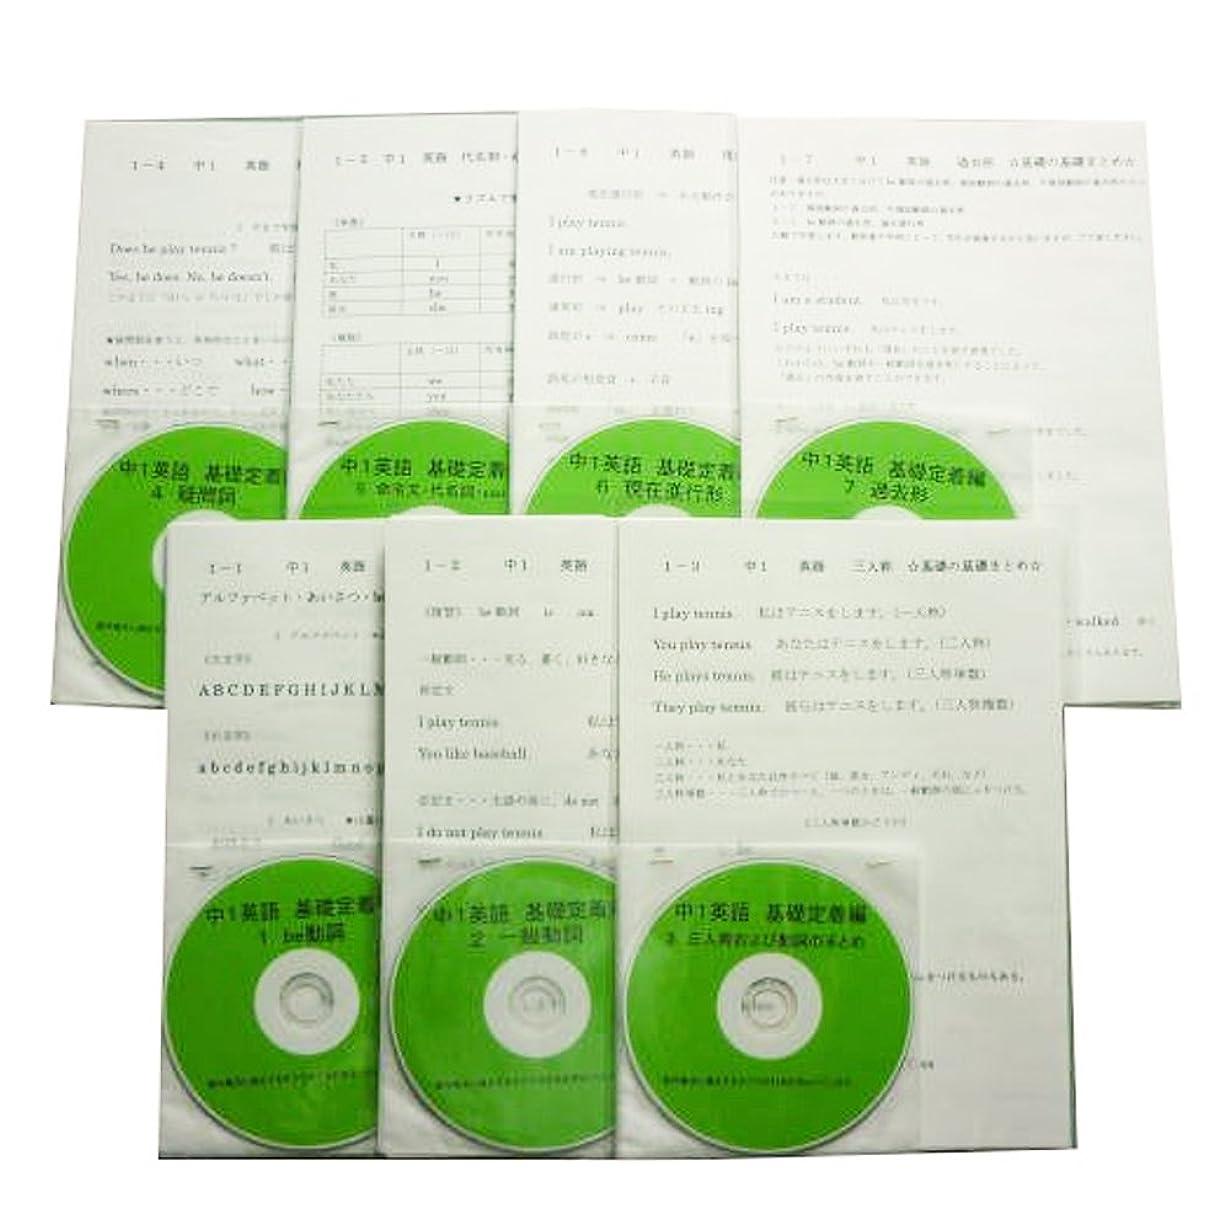 流行しているまあ警戒英語 中学 1年 DVD 授業 テキスト 問題集 7枚 セット 基礎 中1